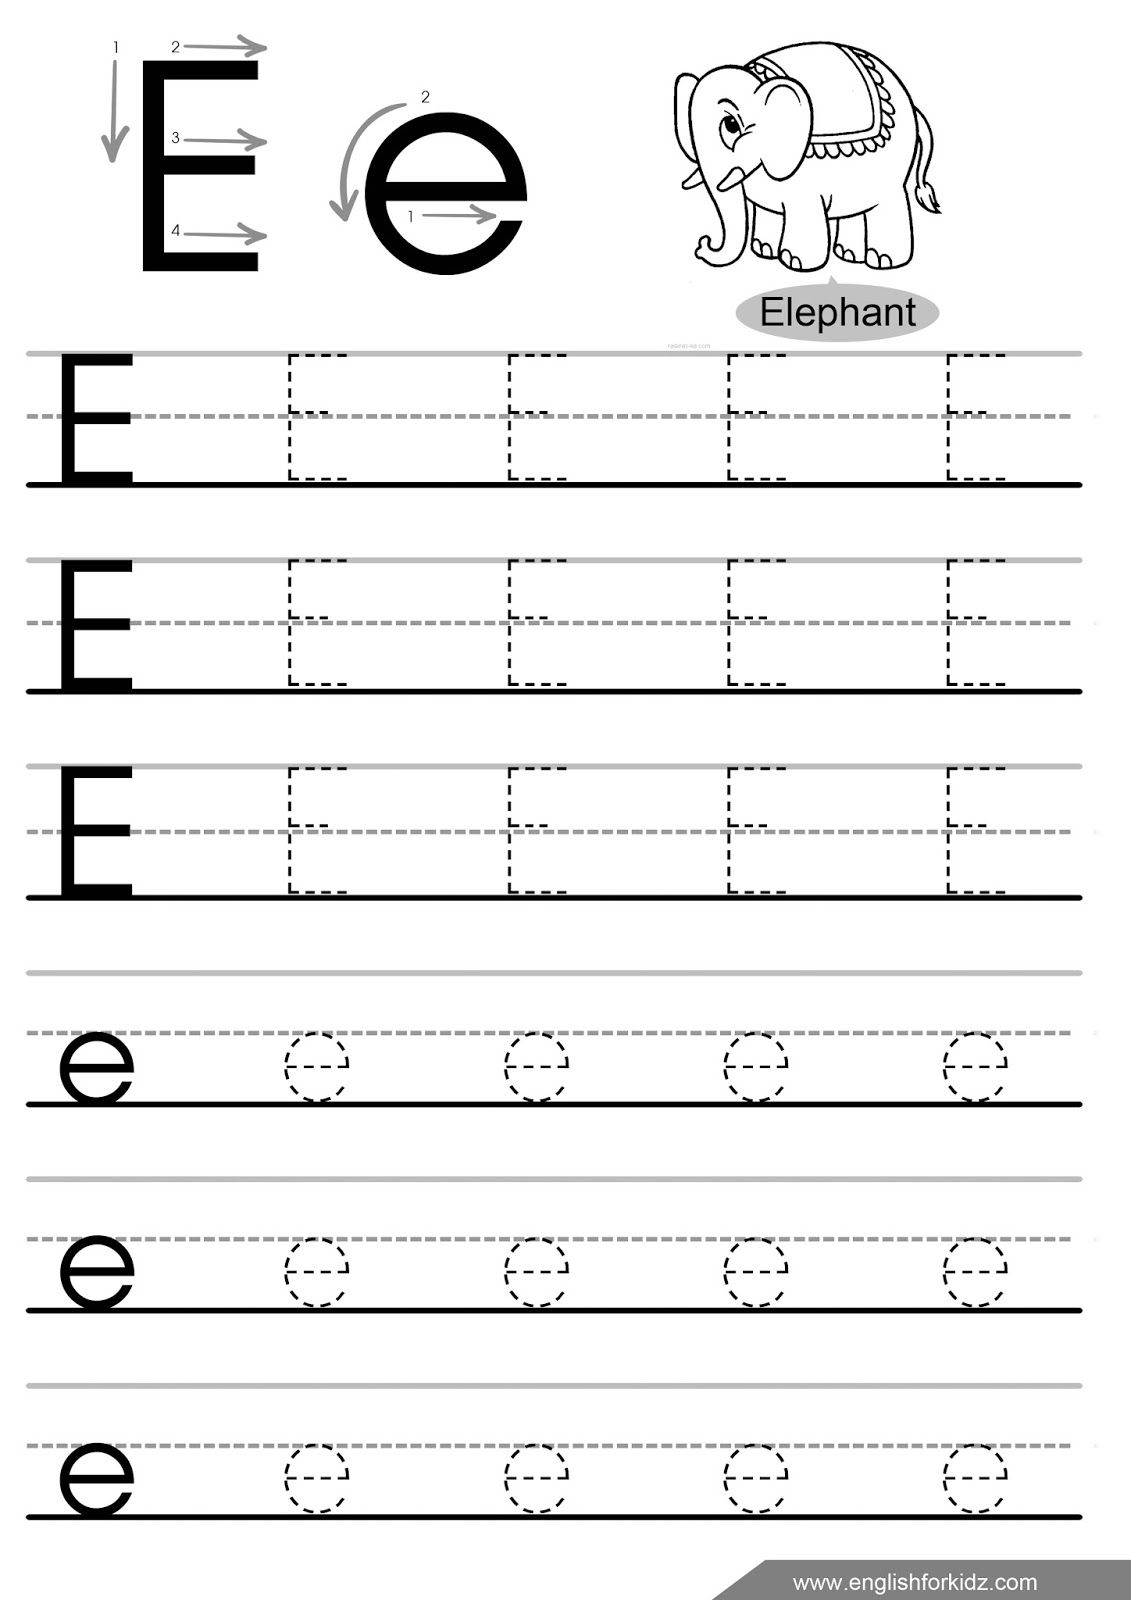 Letter Tracing Worksheets Letters A J   Activități Școlare throughout Letter G Worksheets Twisty Noodle